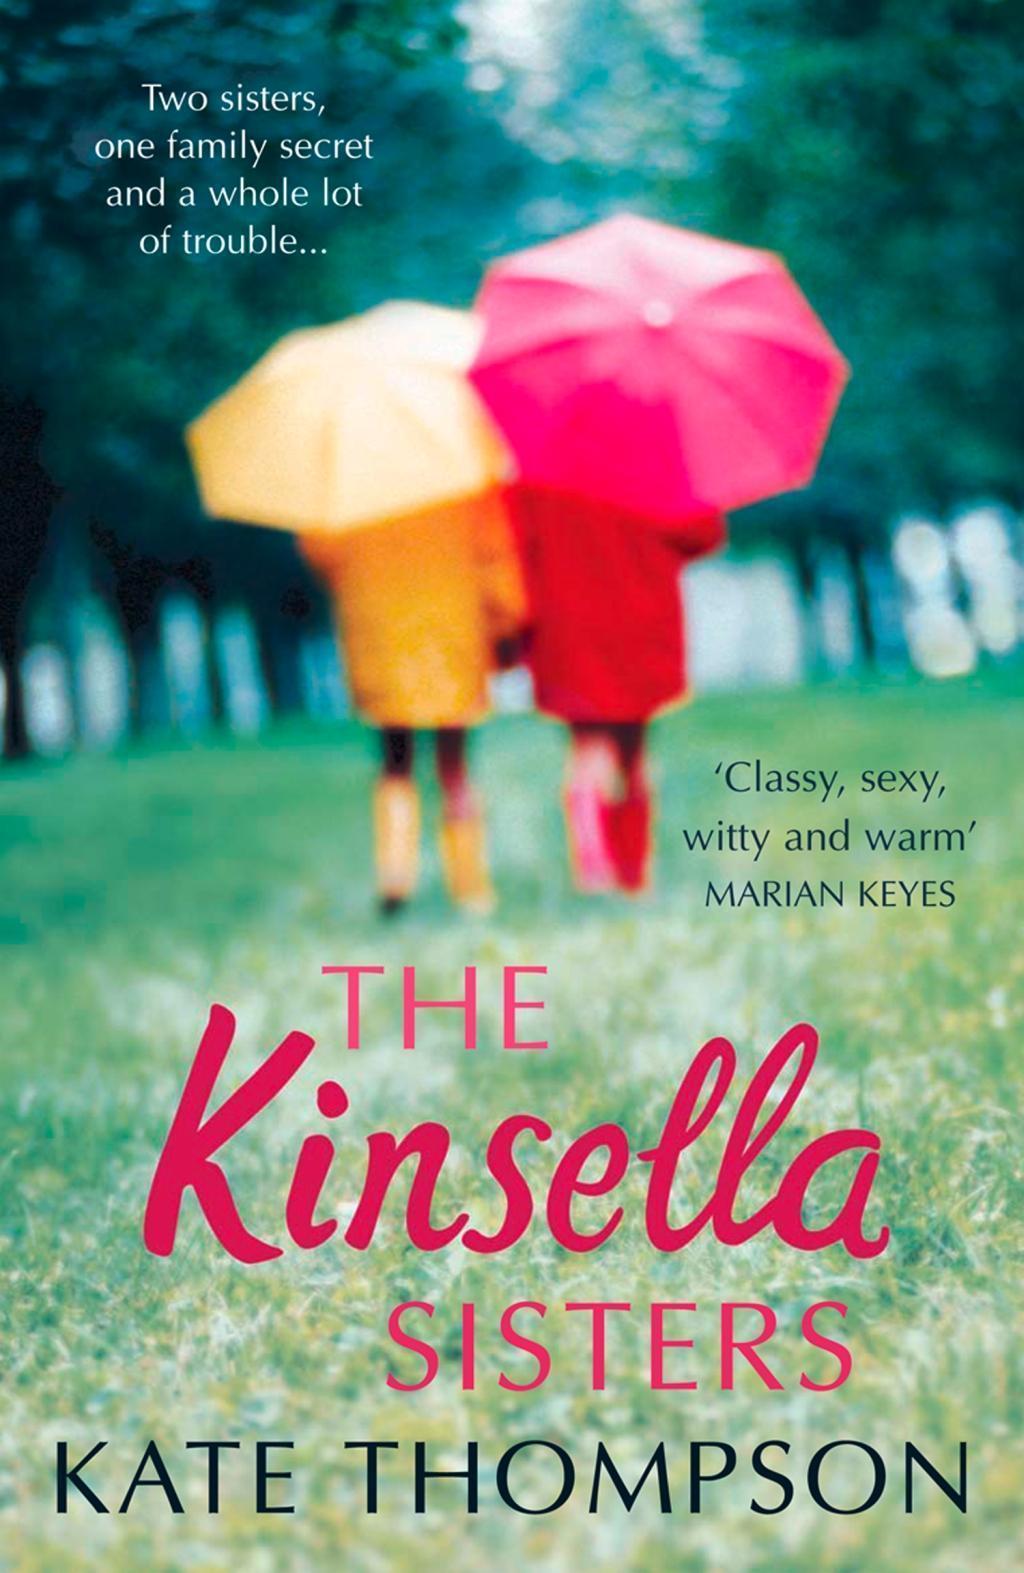 The Kinsella Sisters